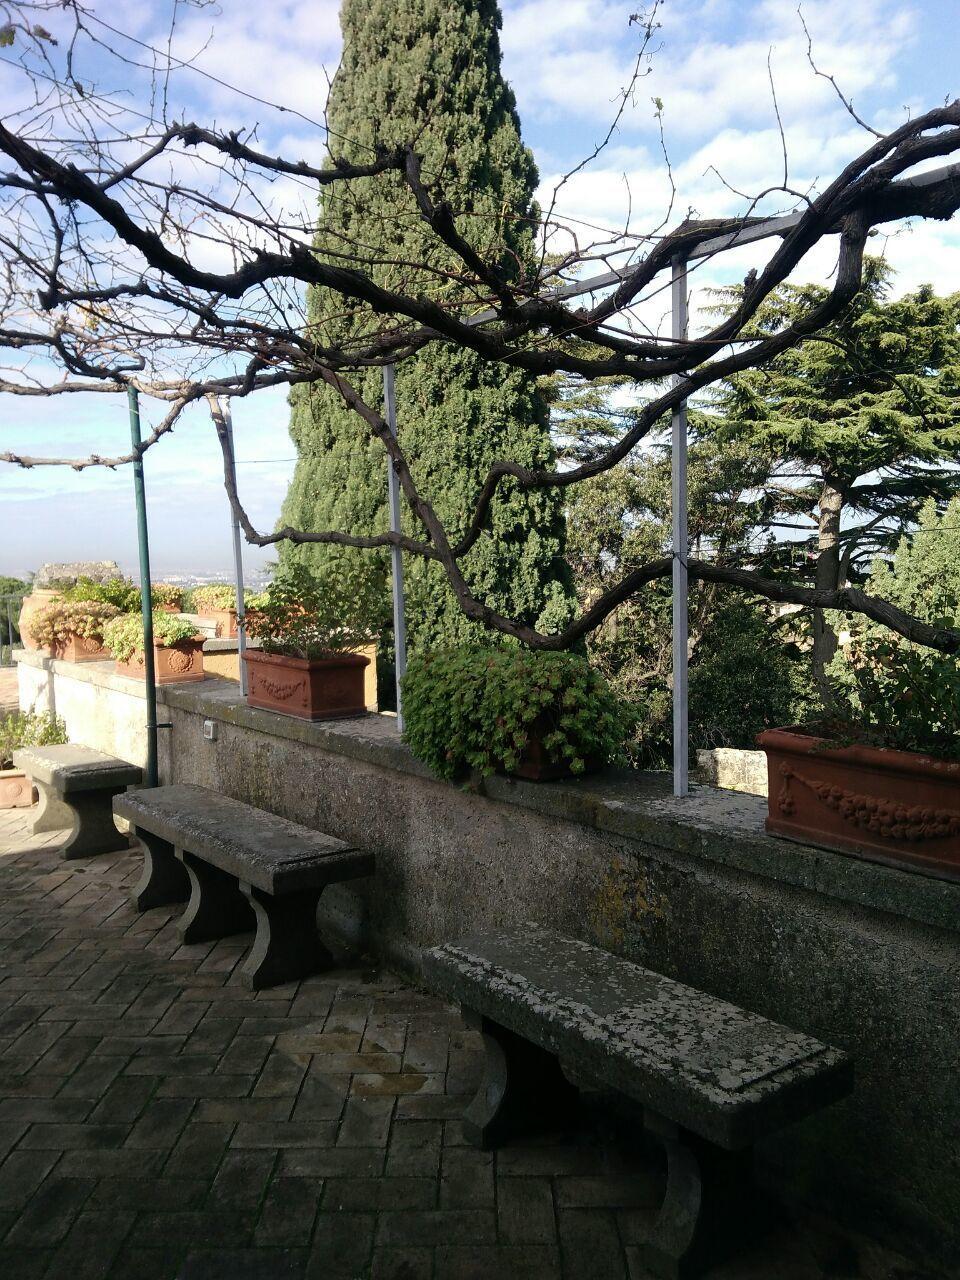 Продается роскошная историческая виллa в Фраскати, Италия - Фото 7